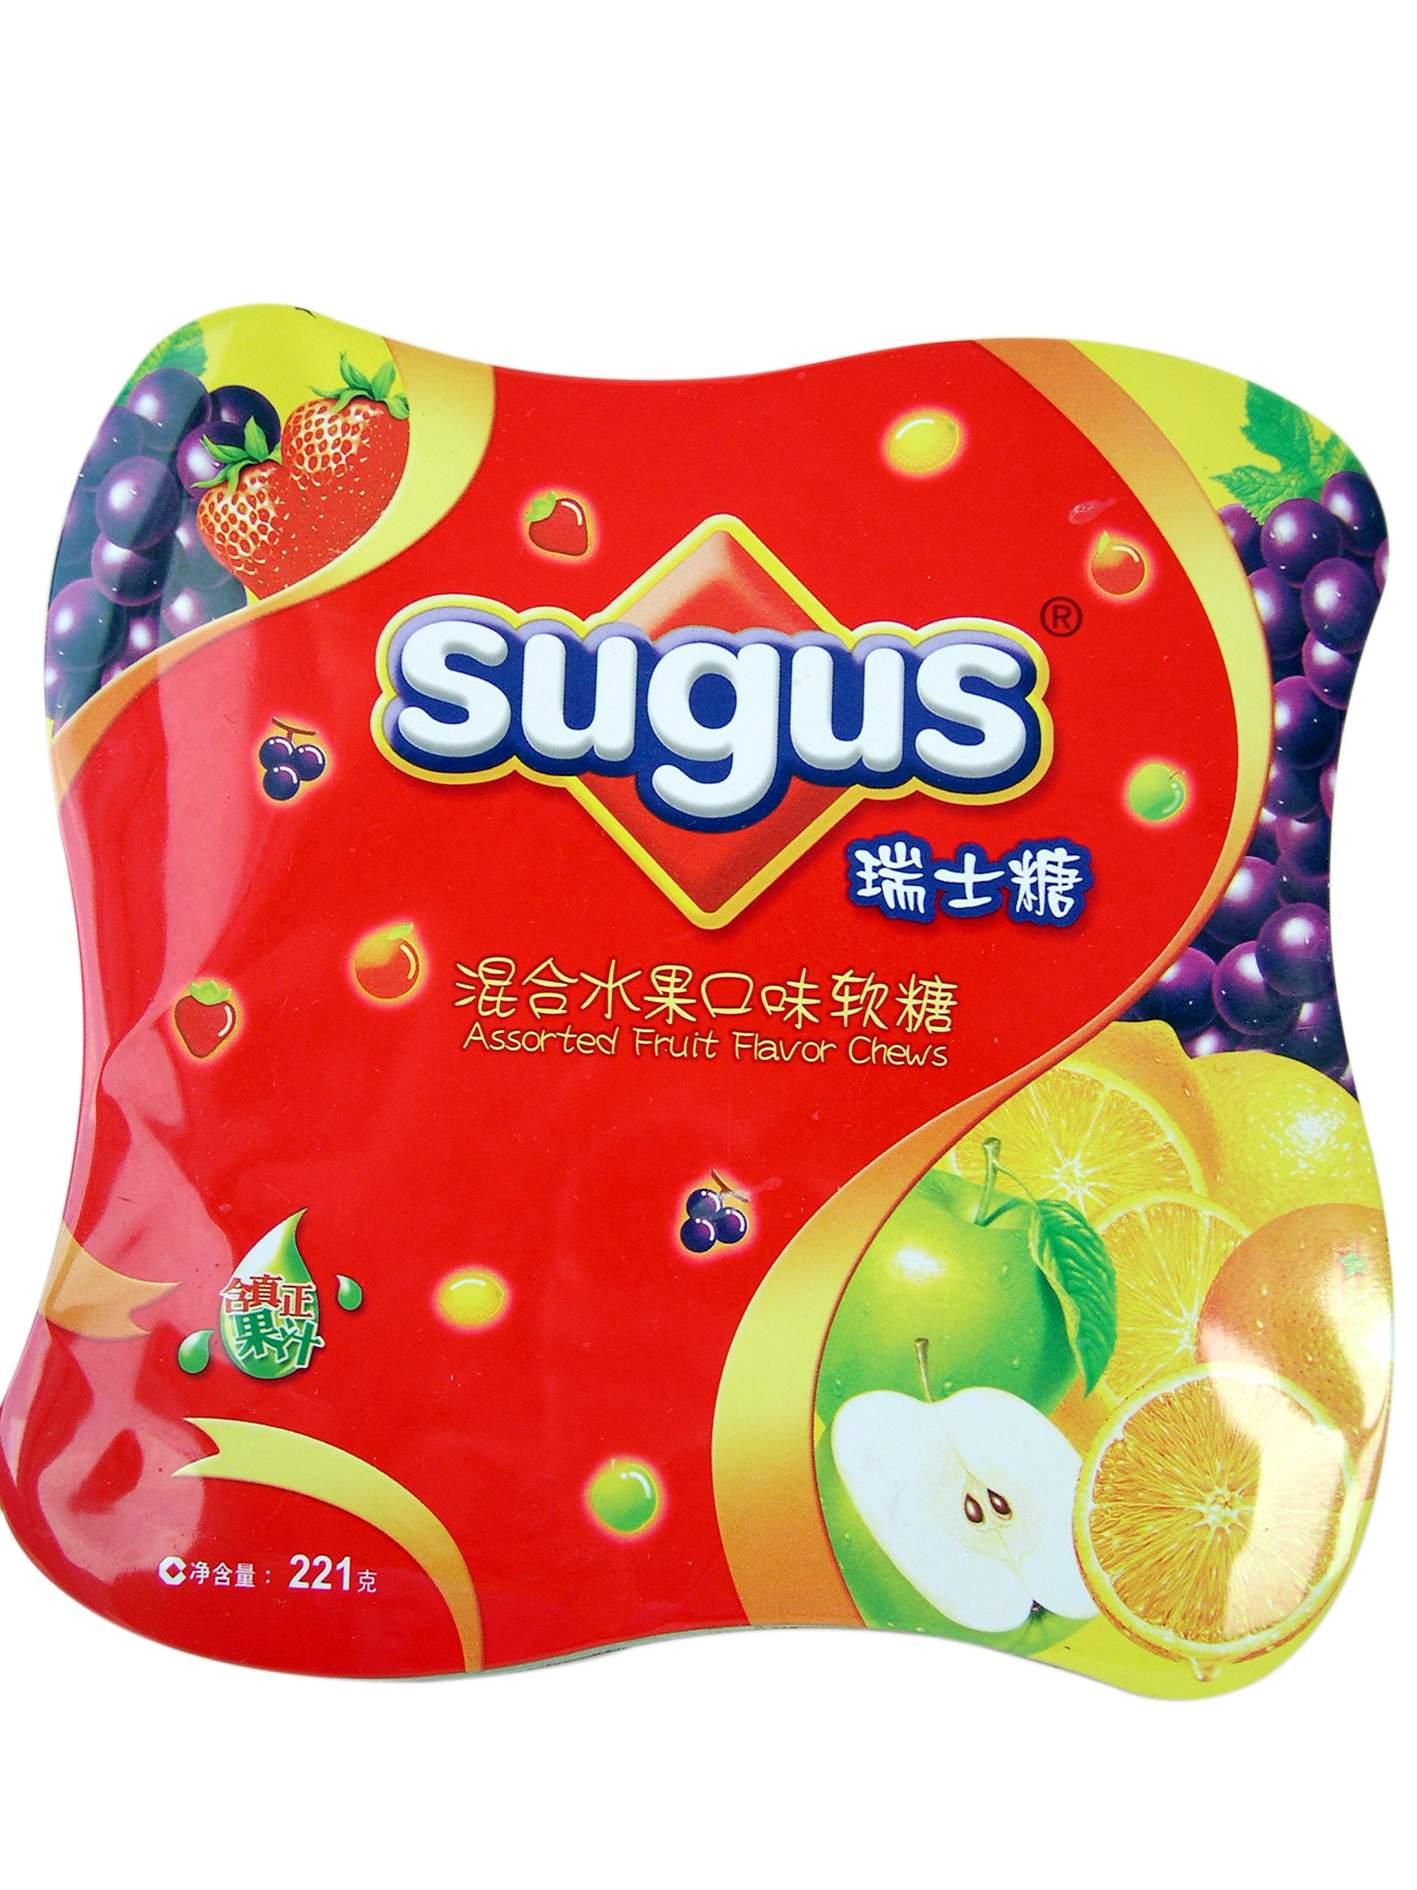 彩虹糖包装设计分享展示